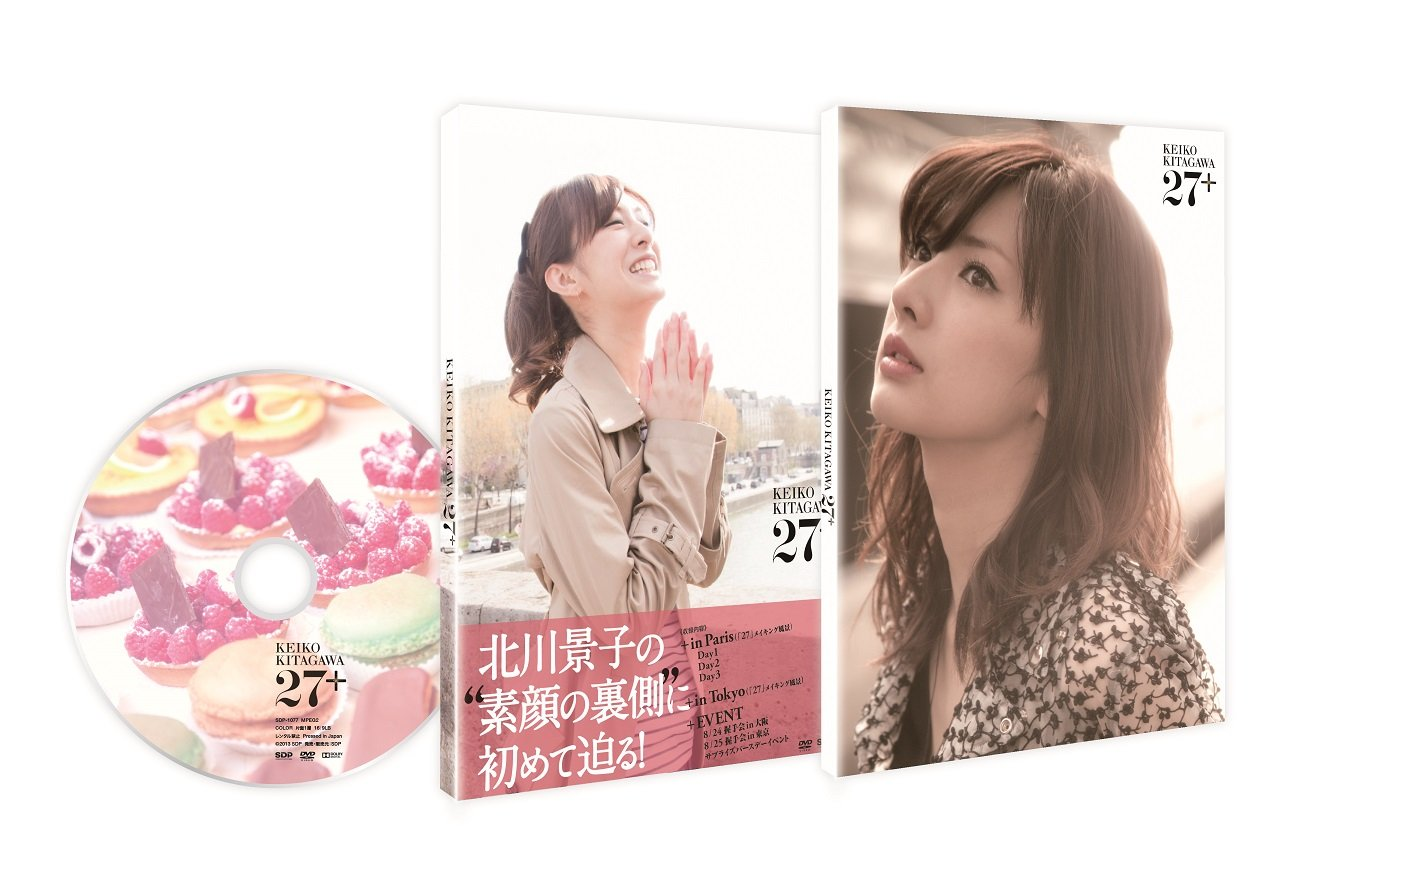 北川景子1st写真集 Making Documentary DVD 『27+』